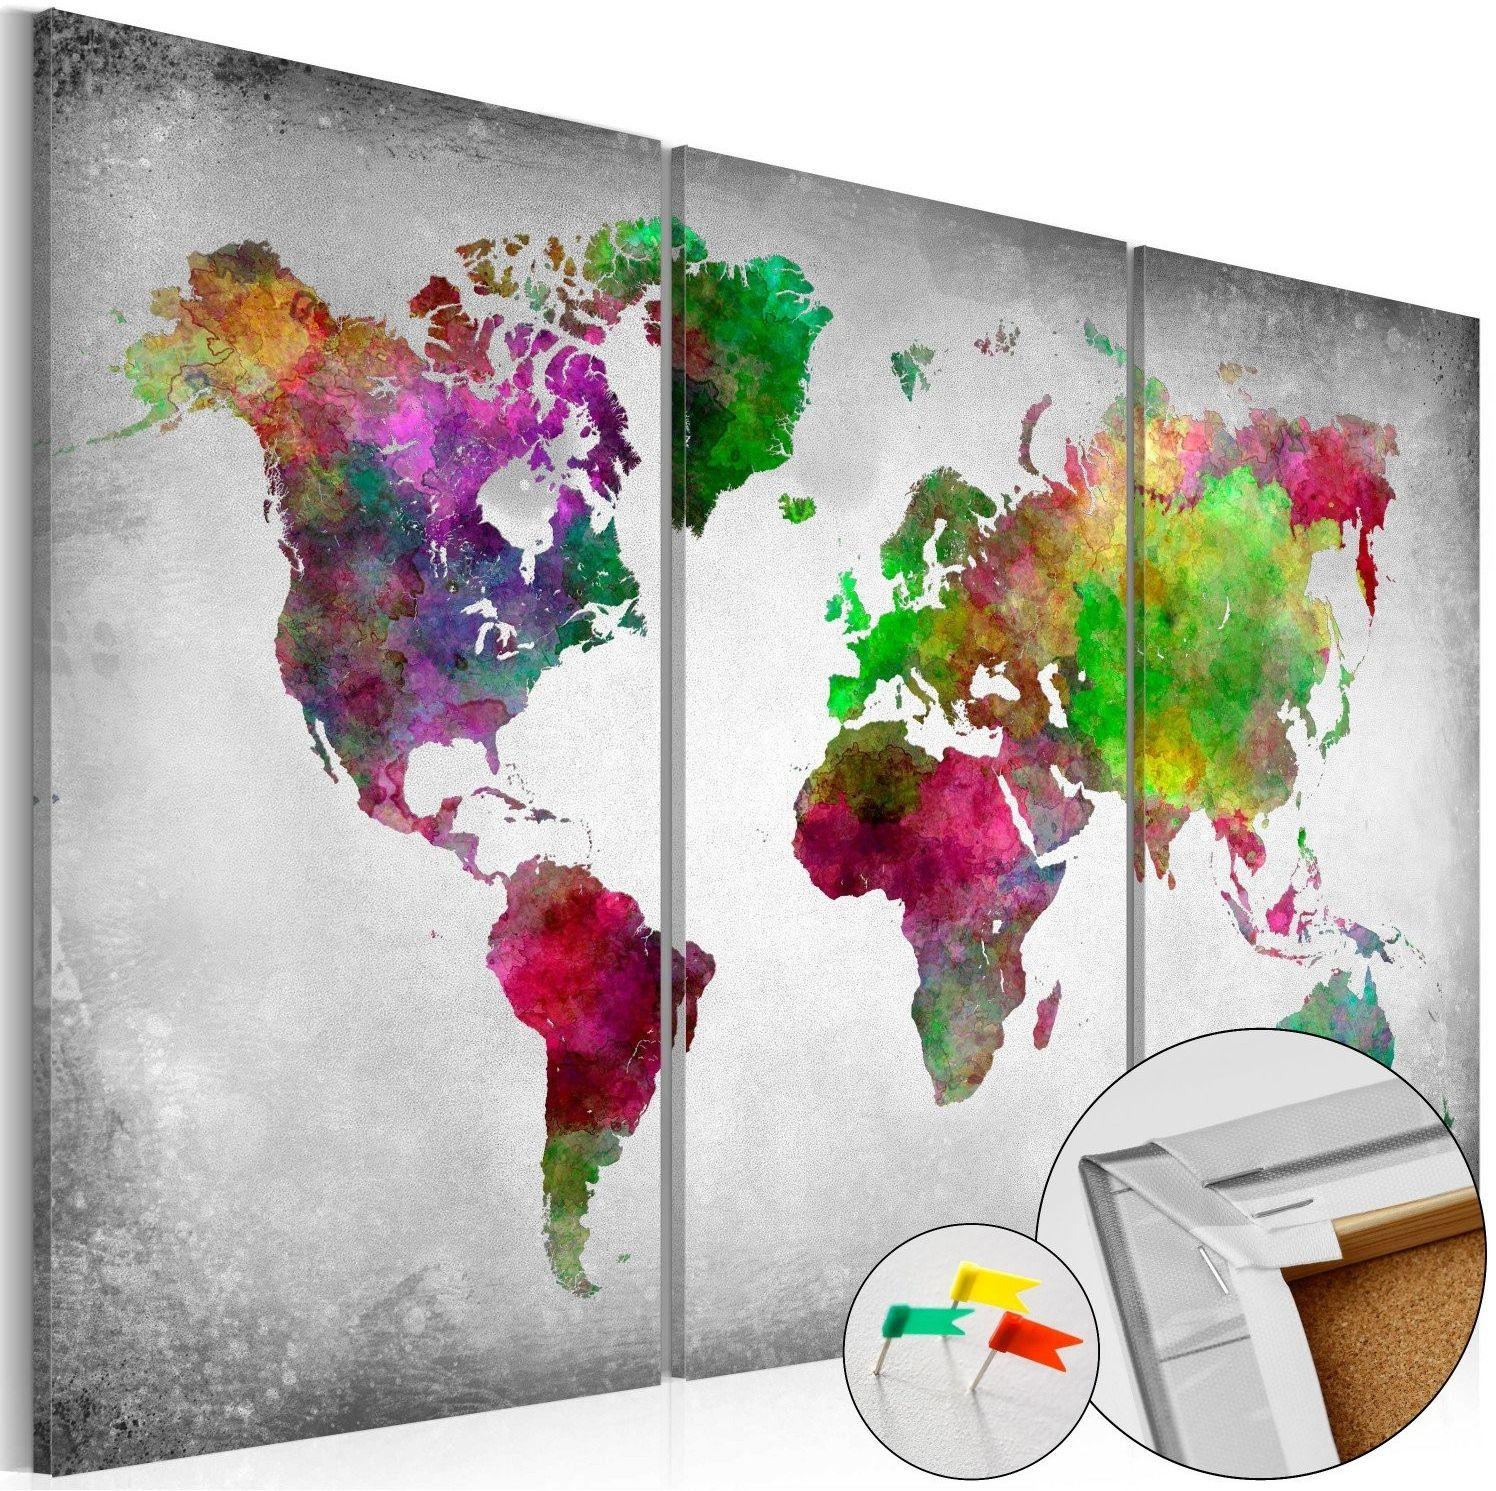 Obraz na korku - różnorodność świata [mapa korkowa]